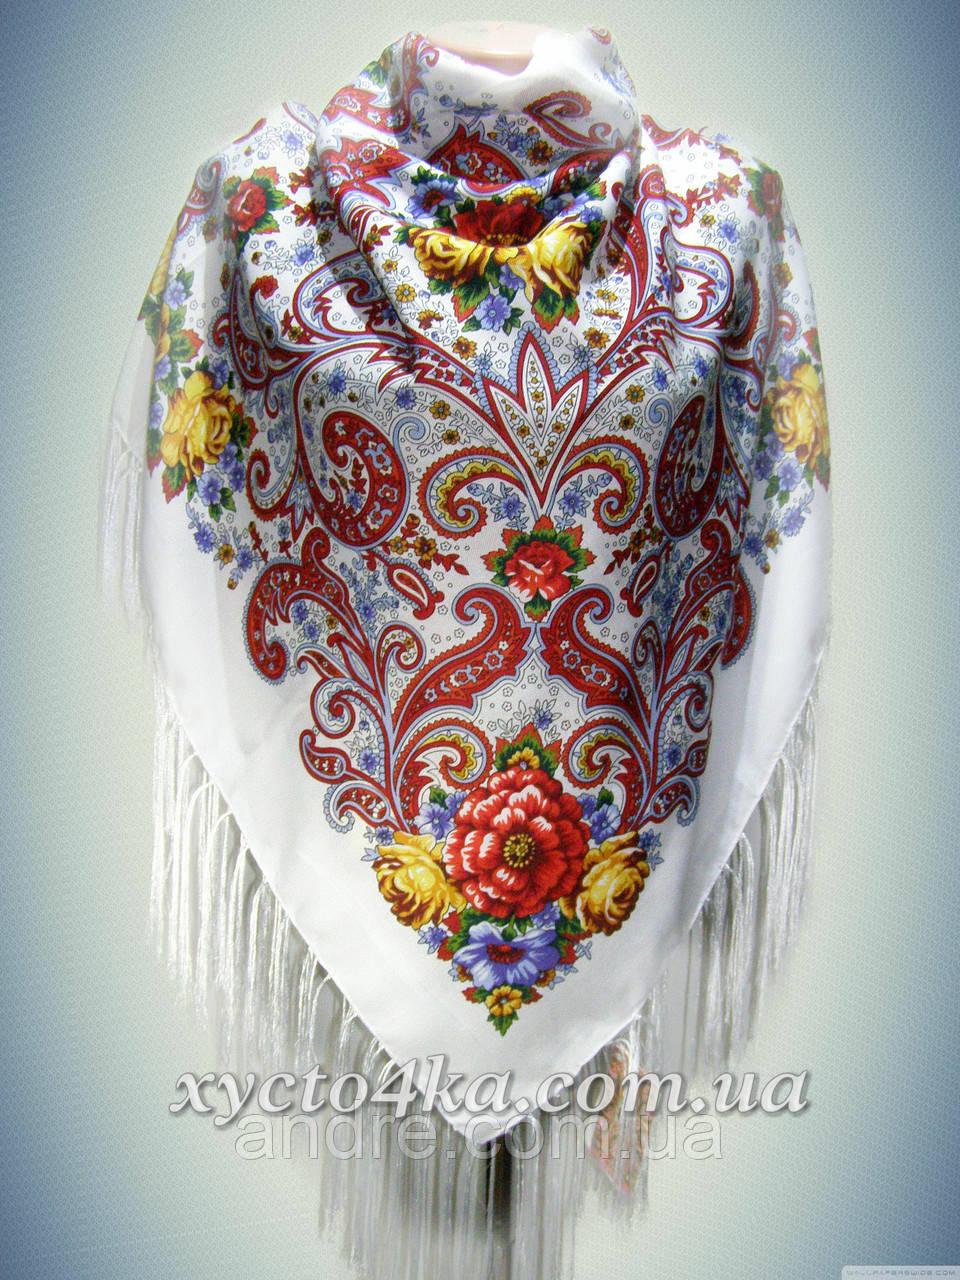 Шерстяной платок Сладкий сон, белый с красным